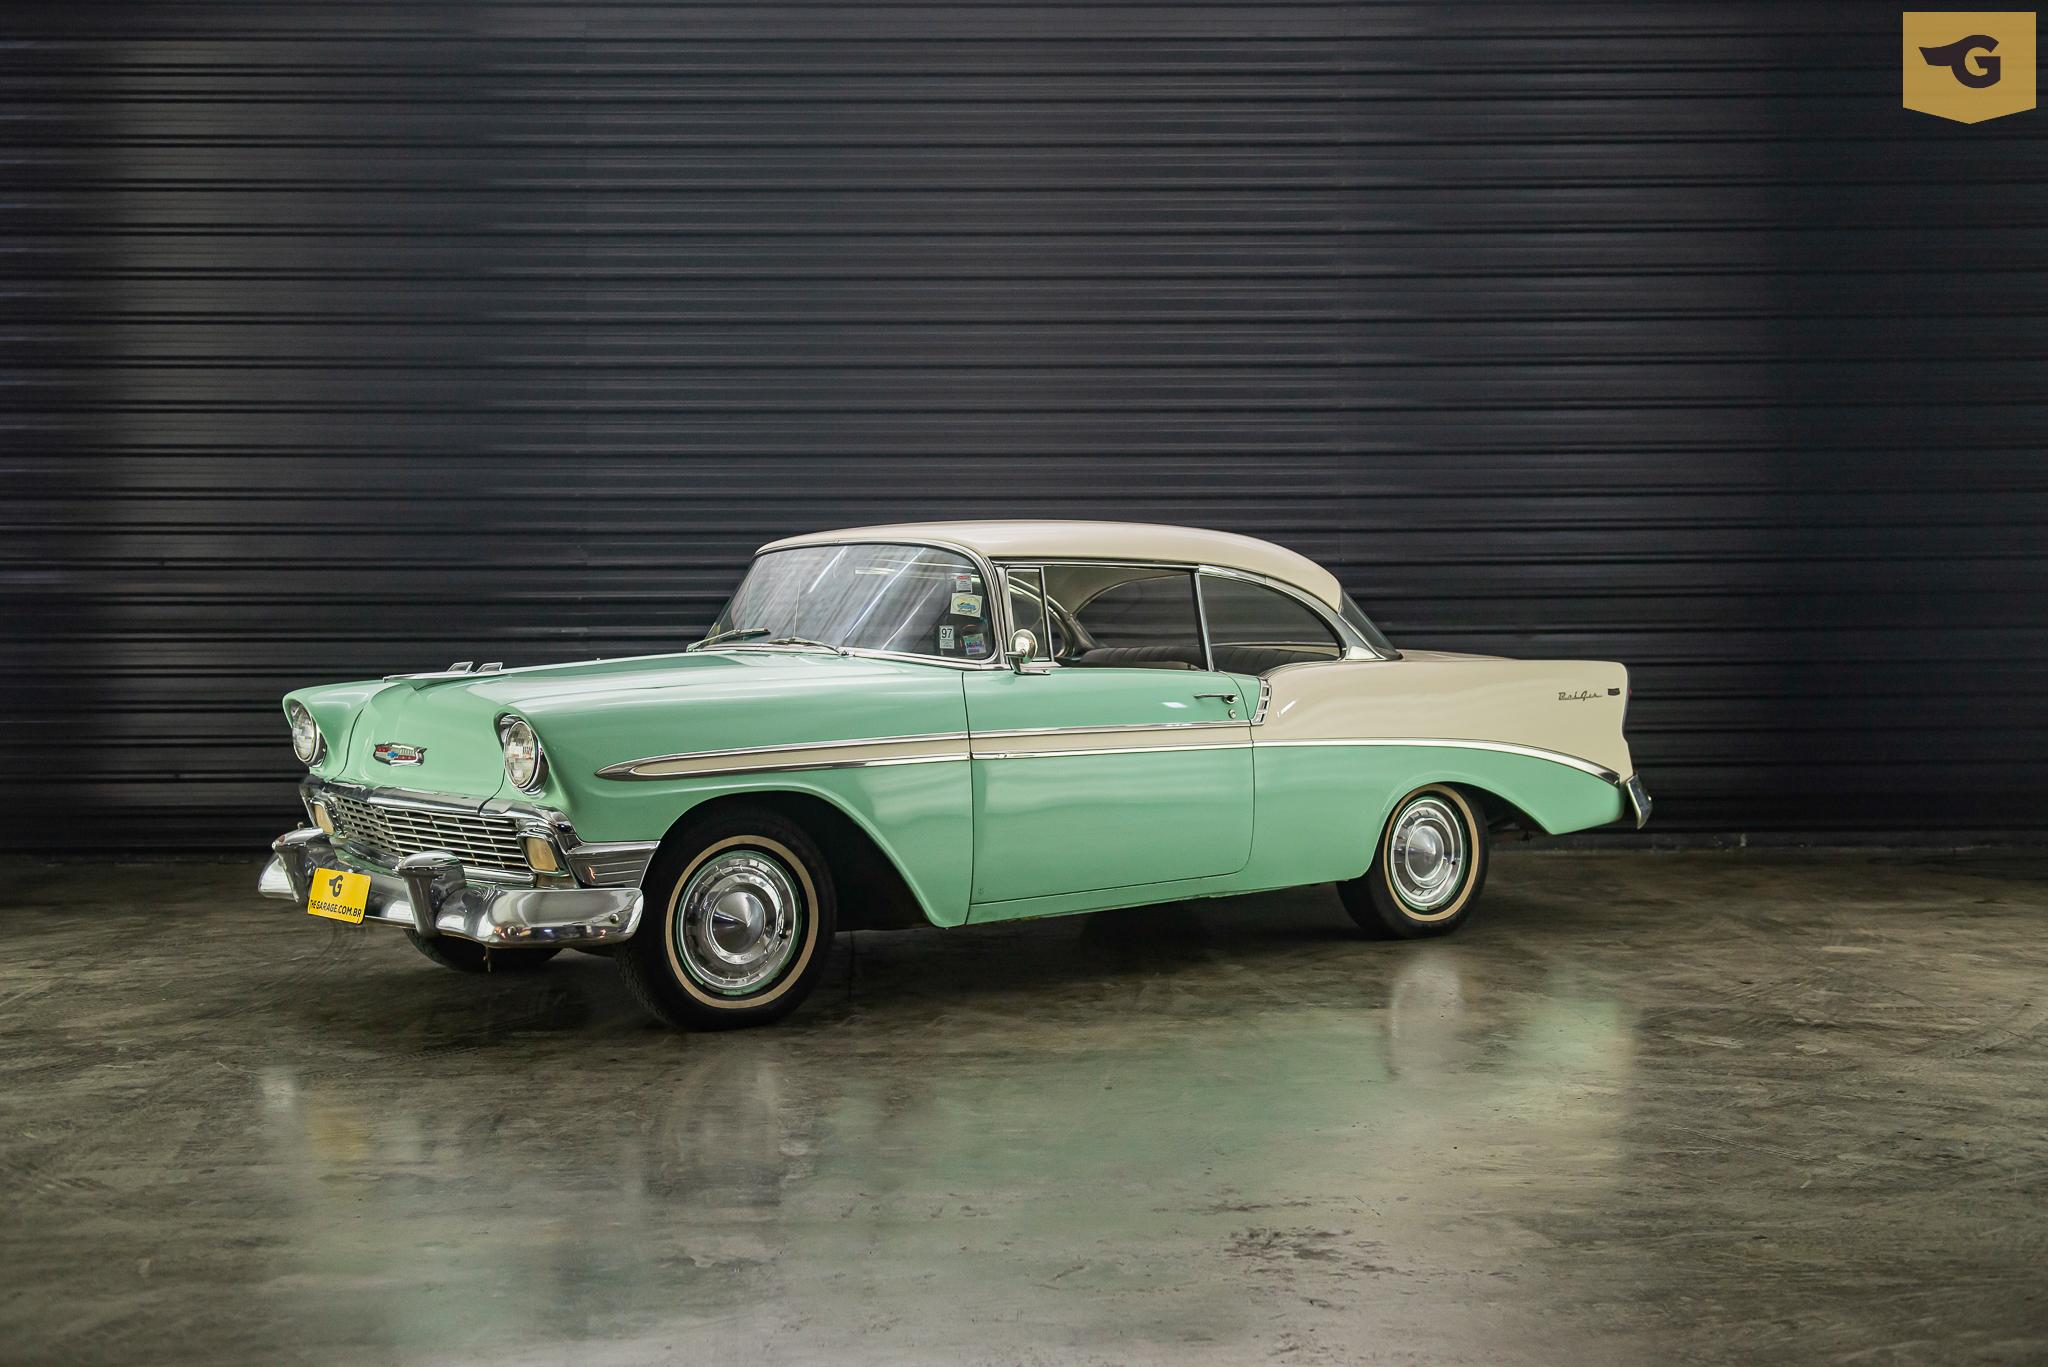 1956-chevrolet-bel-air-a-venda-sao-paulo-sp-for-sale-the-garage-classicos-a-melhor-loja-de-carros-antigos-acervo-de-carros-38